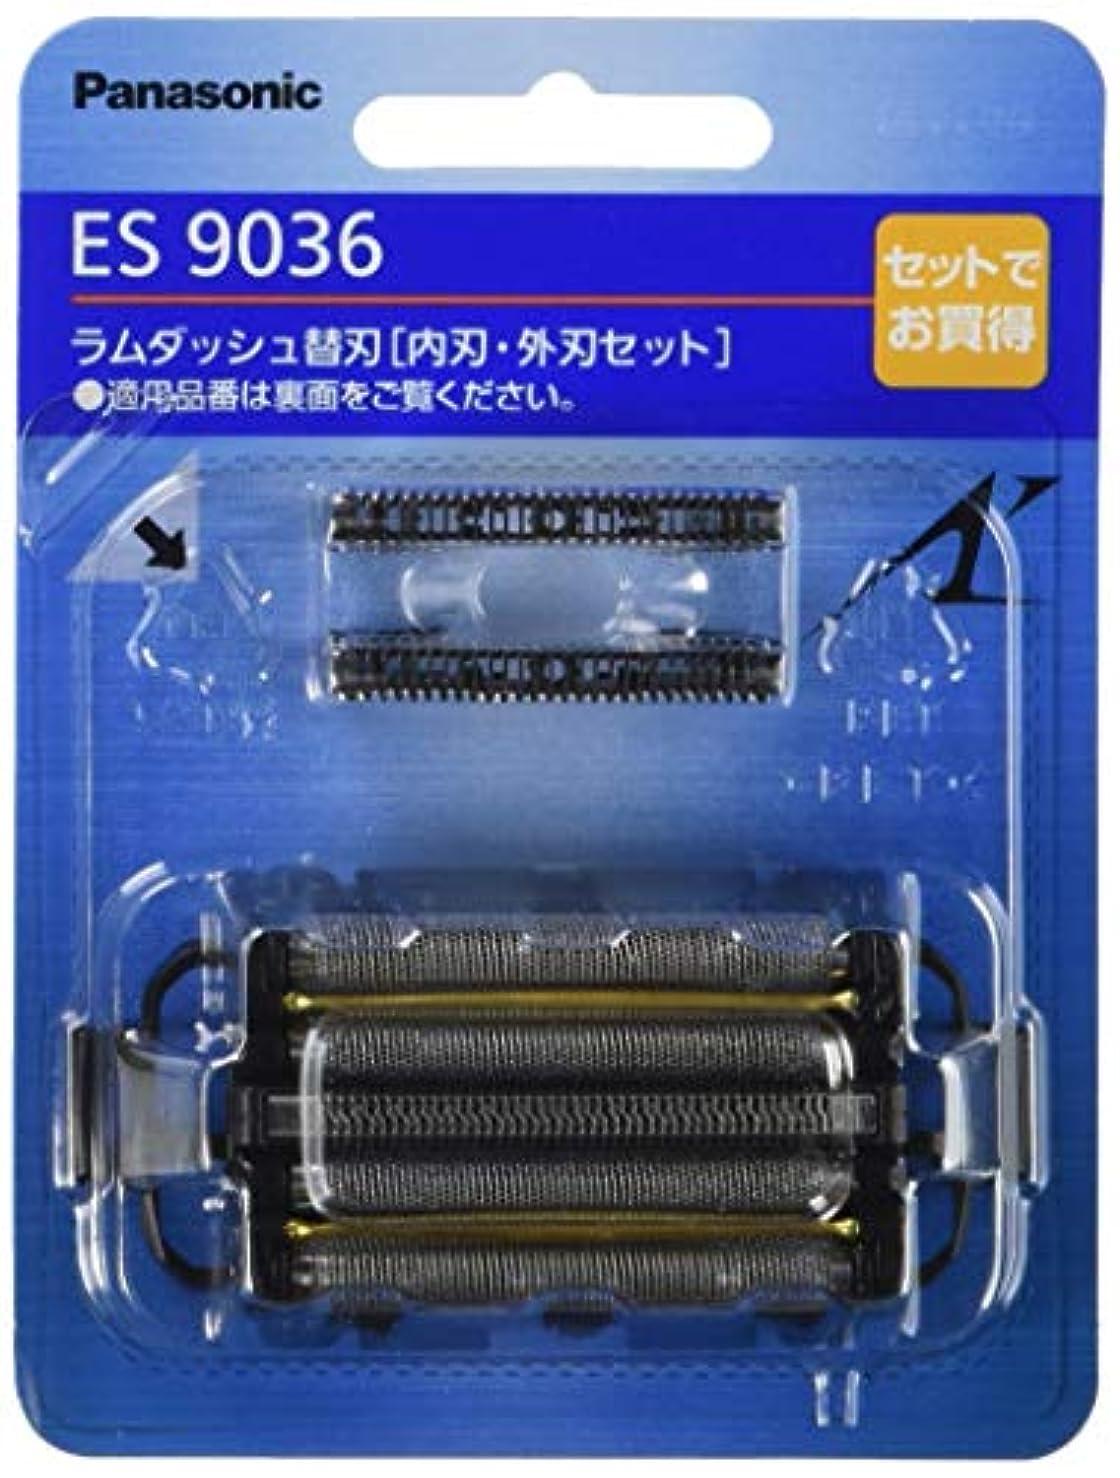 幸運なことに維持するアマチュアパナソニック 替刃 メンズシェーバー用 セット刃 ES9036